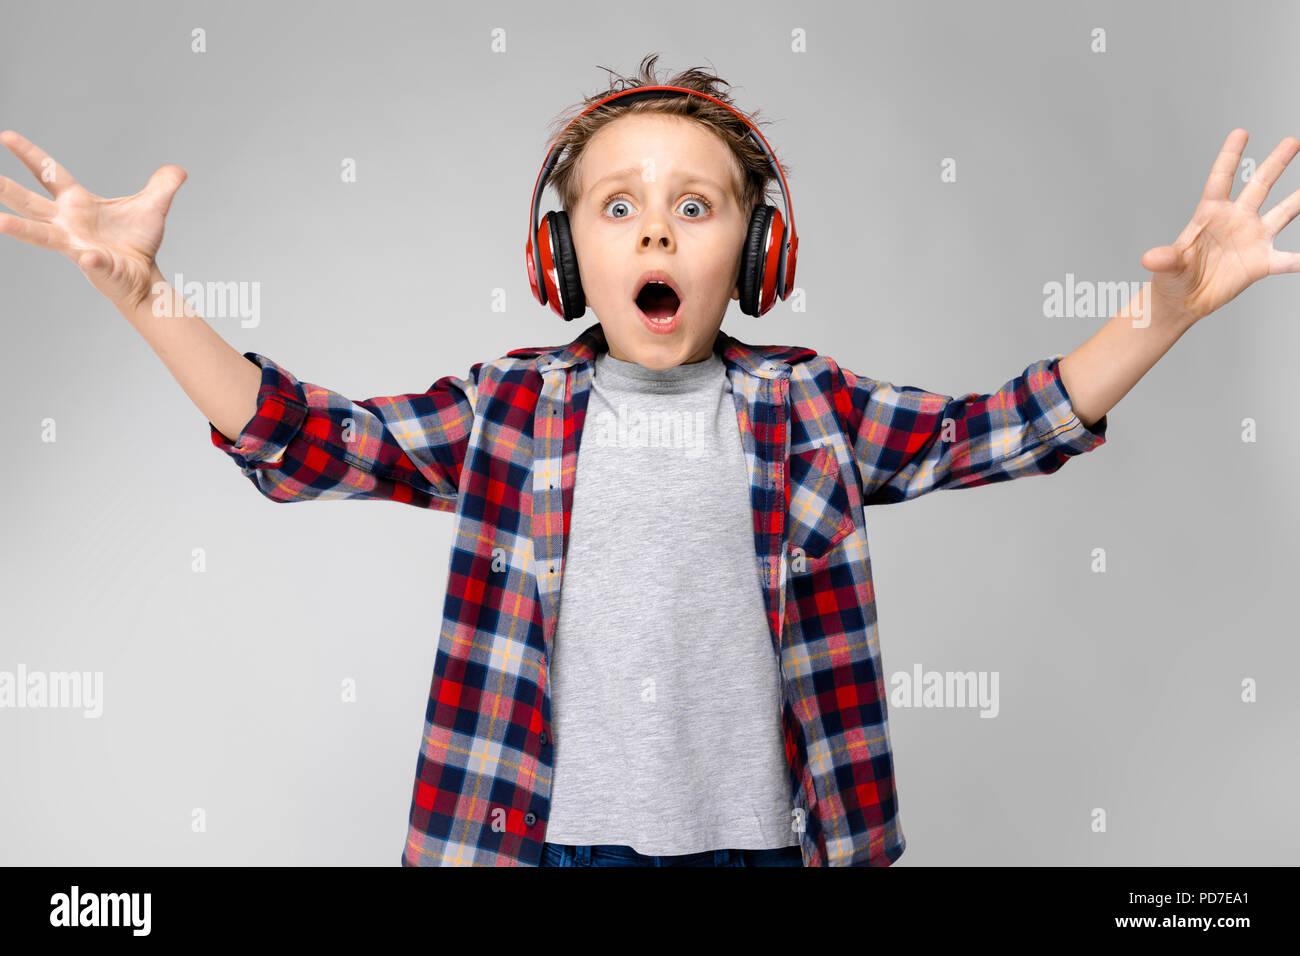 Ein schöner Junge in einem Plaid Shirt, grau Shirt und Jeans steht auf einem grauen Hintergrund. Ein Junge in rot Kopfhörer. Der junge zieht seine Hände nach vorne. Stockbild